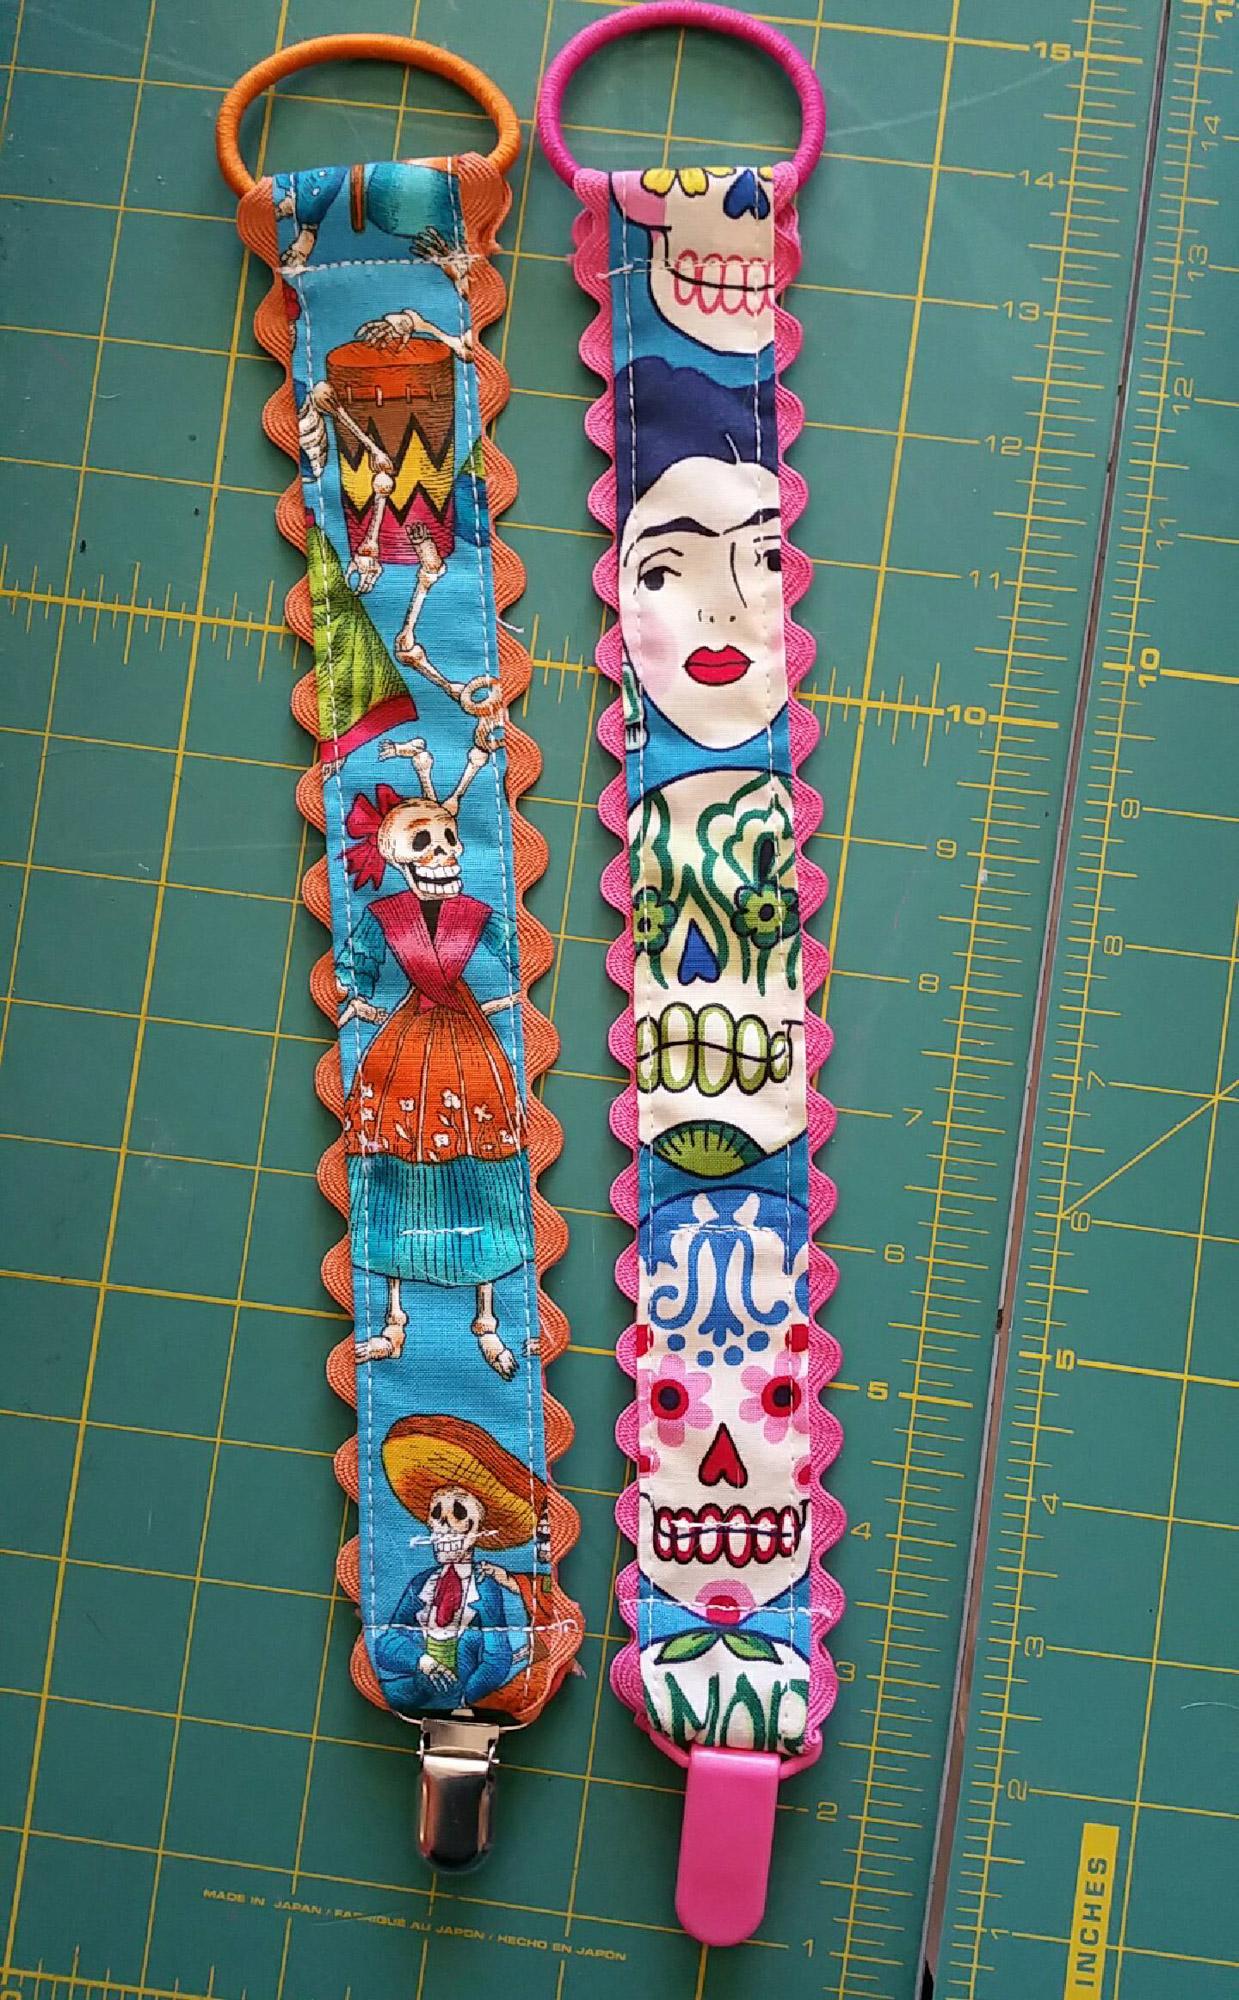 HUGHES cathie - 2 suspenders.jpg